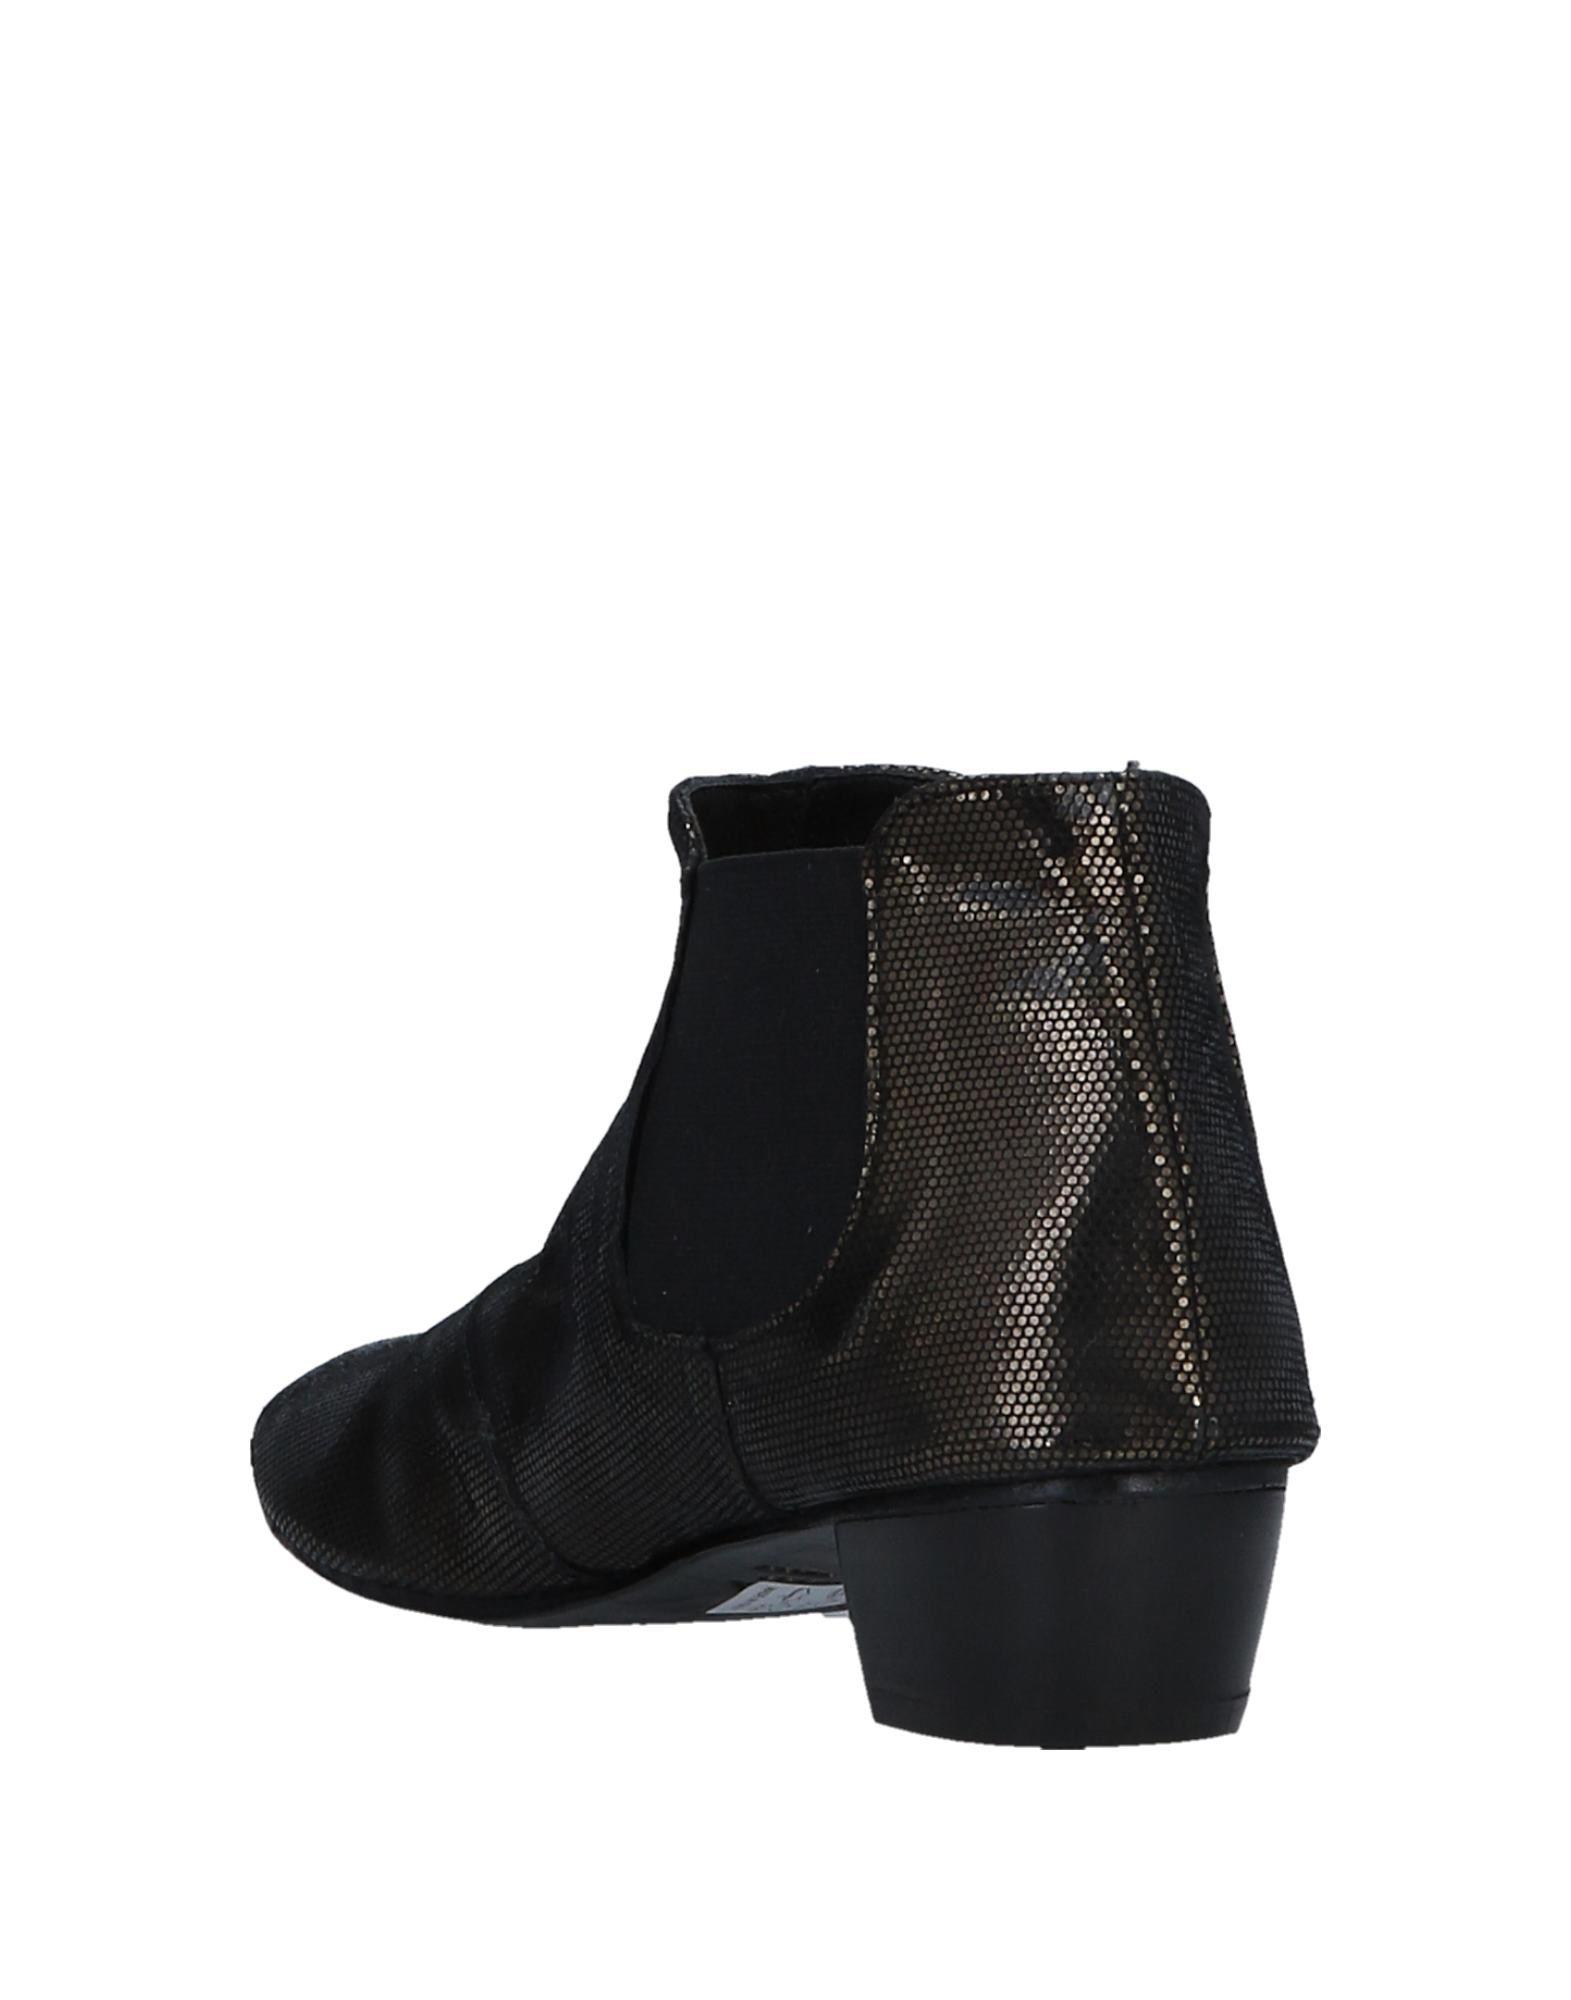 Stilvolle billige Schuhe Damen Kudetà Chelsea Boots Damen Schuhe  11540047VG 6e5d24